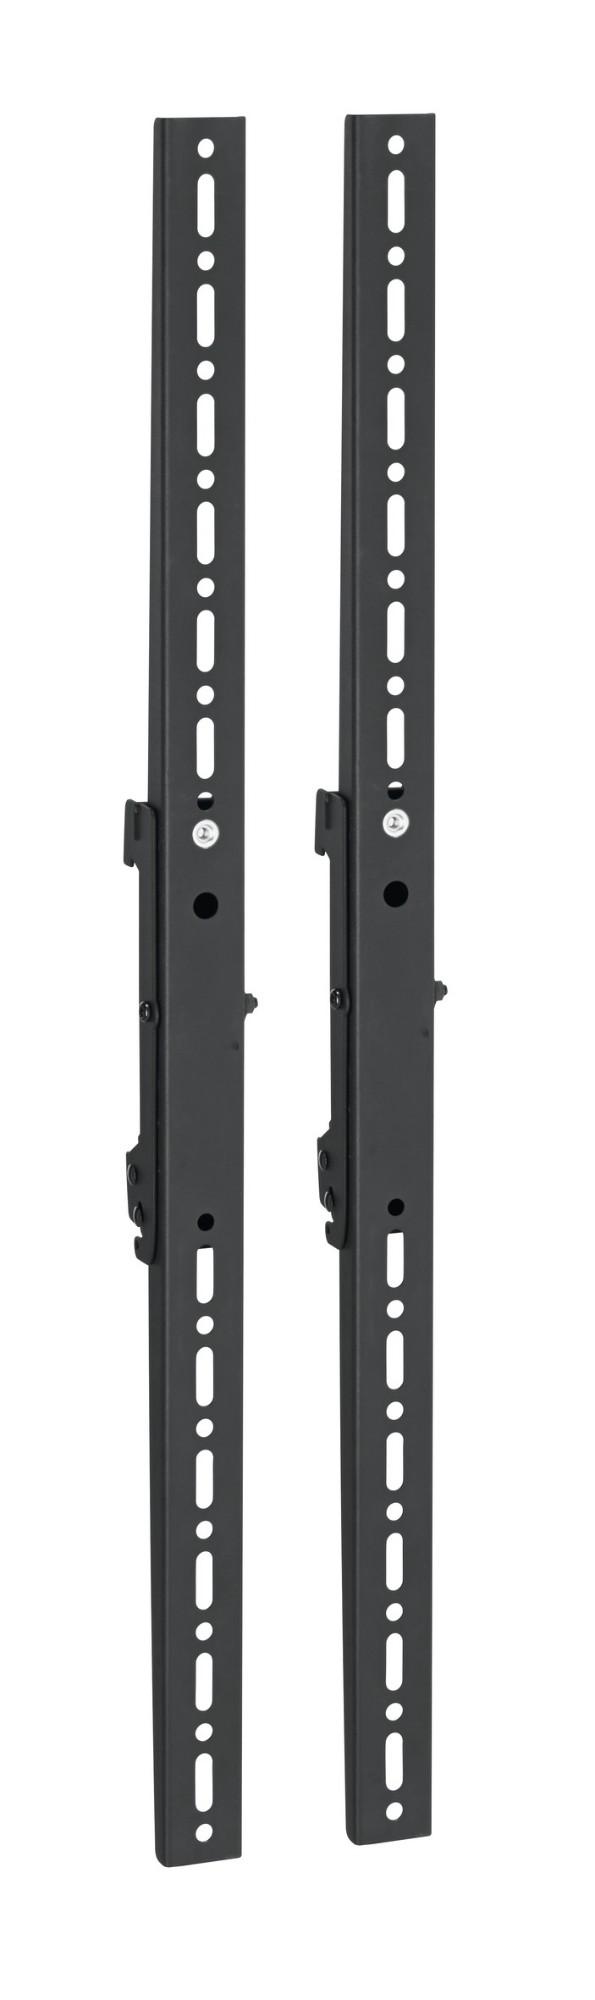 Vogel's PFS 3208 Negro soporte de techo para pantalla plana